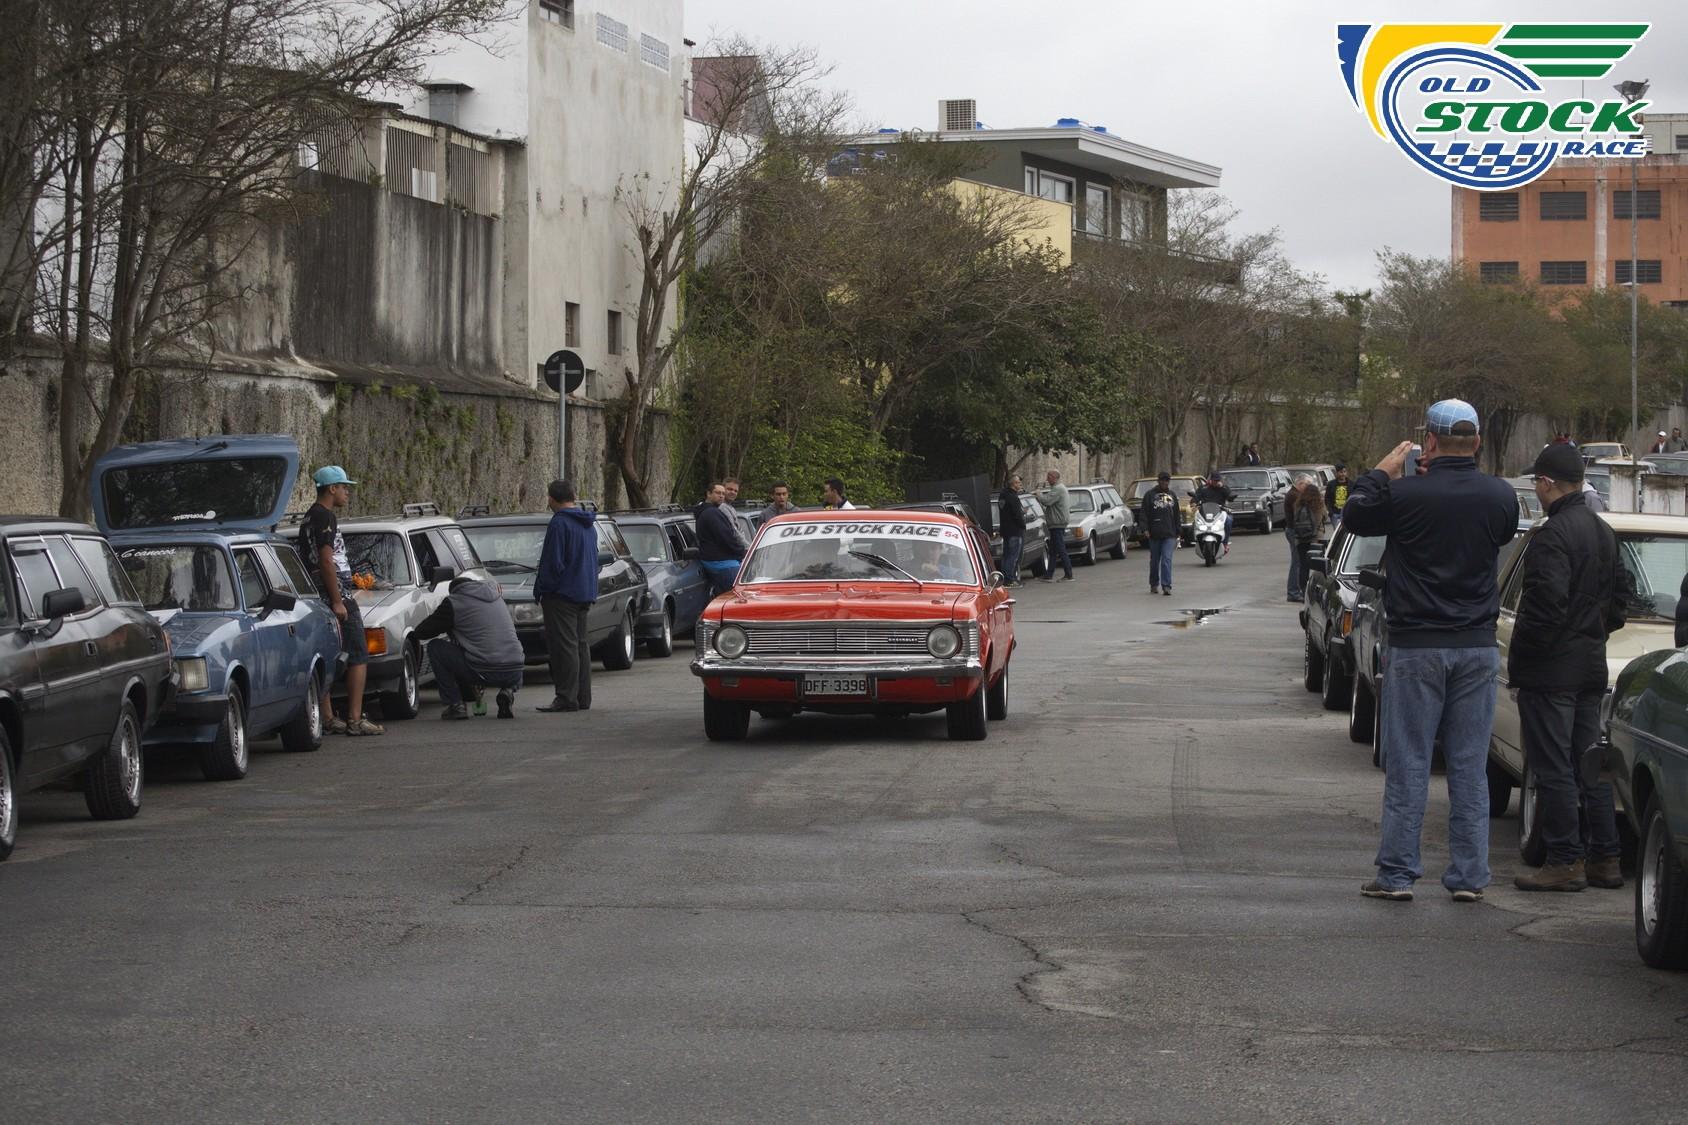 Opaleiros chegando para a Old Stock Race (Foto: Barbara Bonfin/OSR)